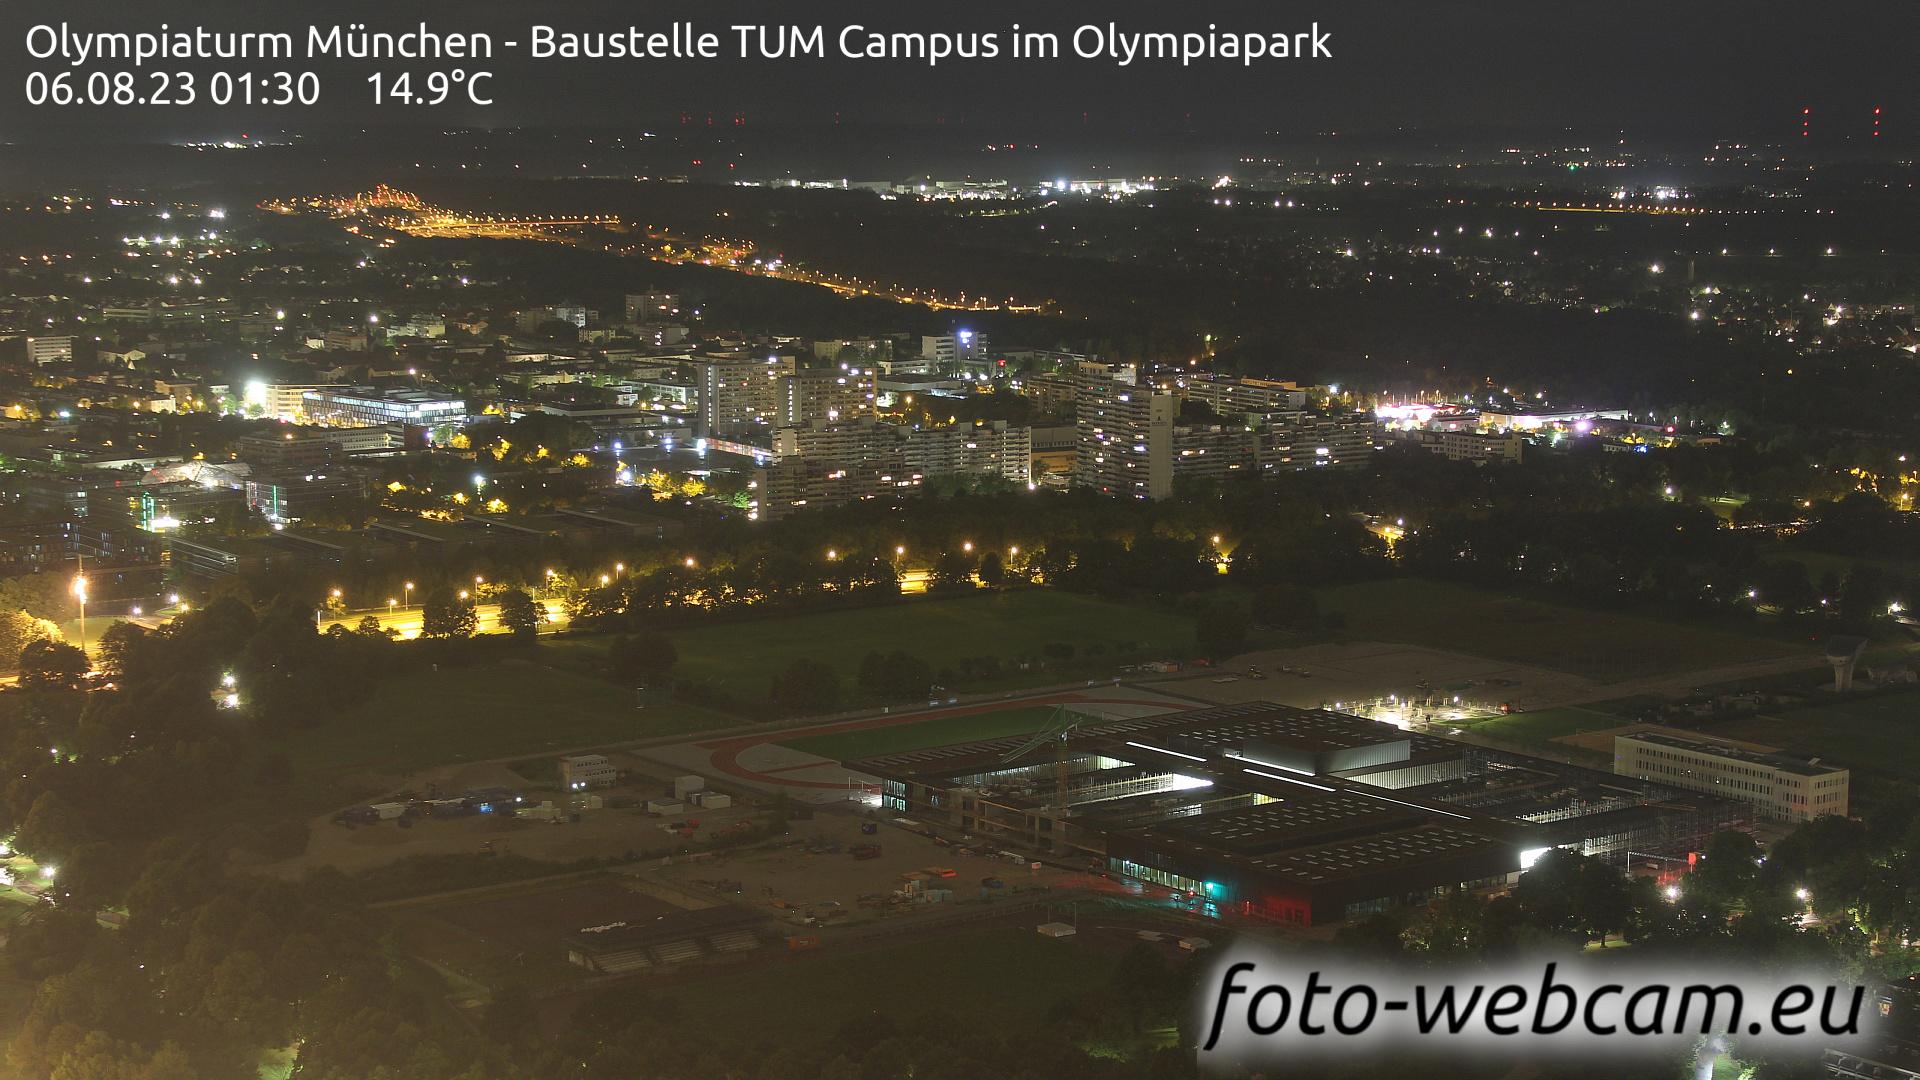 Munich Wed. 01:30